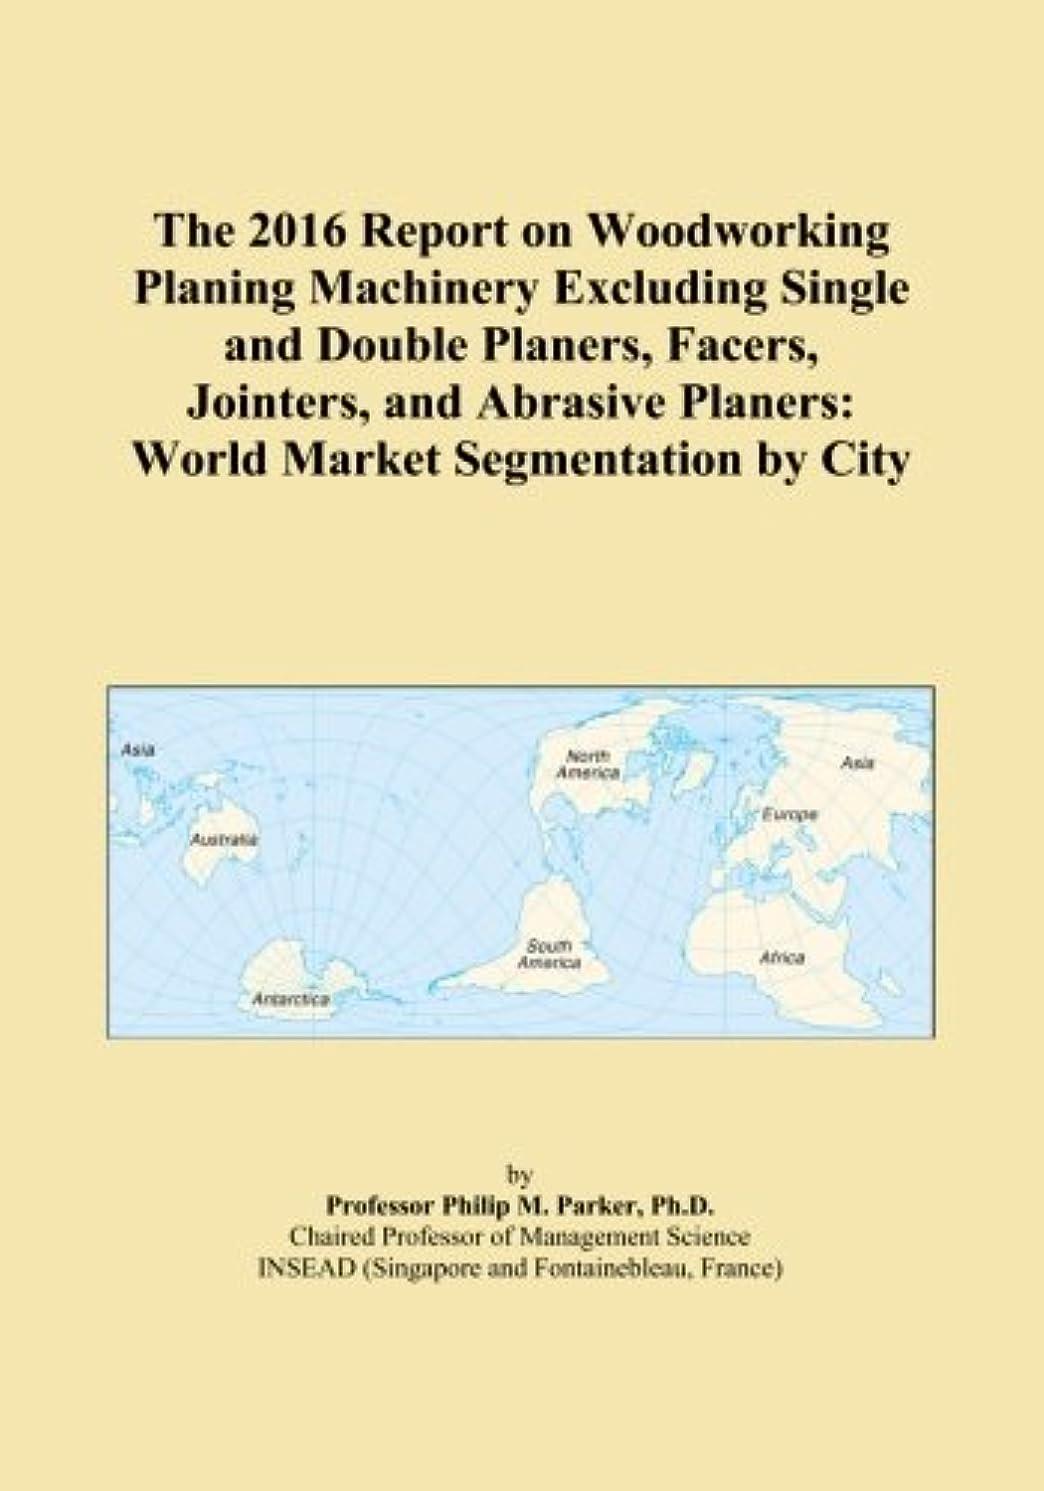 ダンプネブ群衆The 2016 Report on Woodworking Planing Machinery Excluding Single and Double Planers, Facers, Jointers, and Abrasive Planers: World Market Segmentation by City